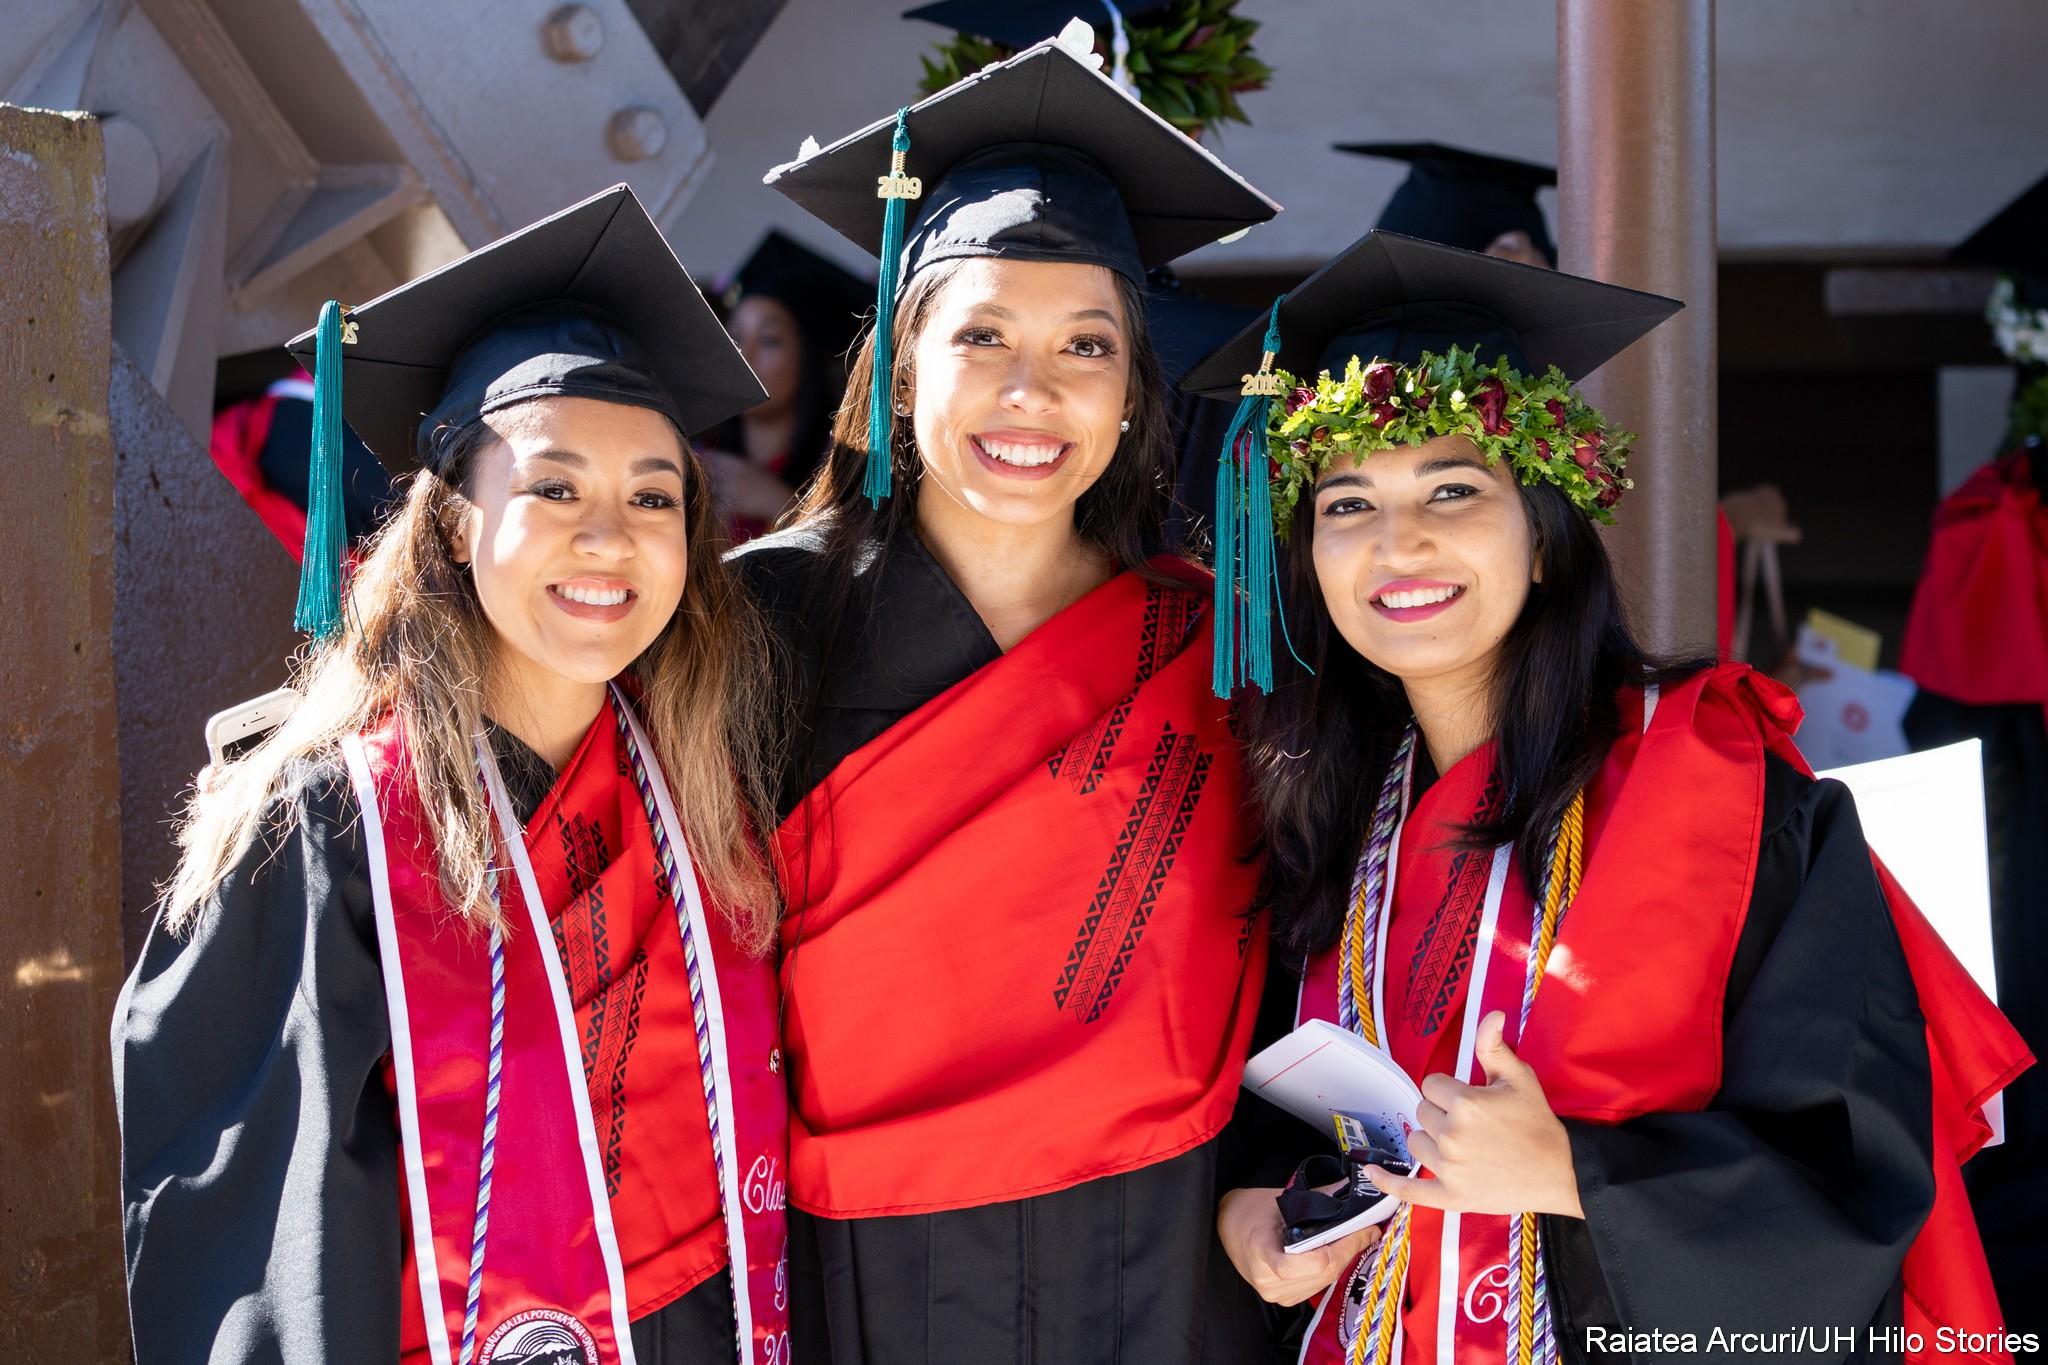 Three women graduates in regalia before ceremonies.